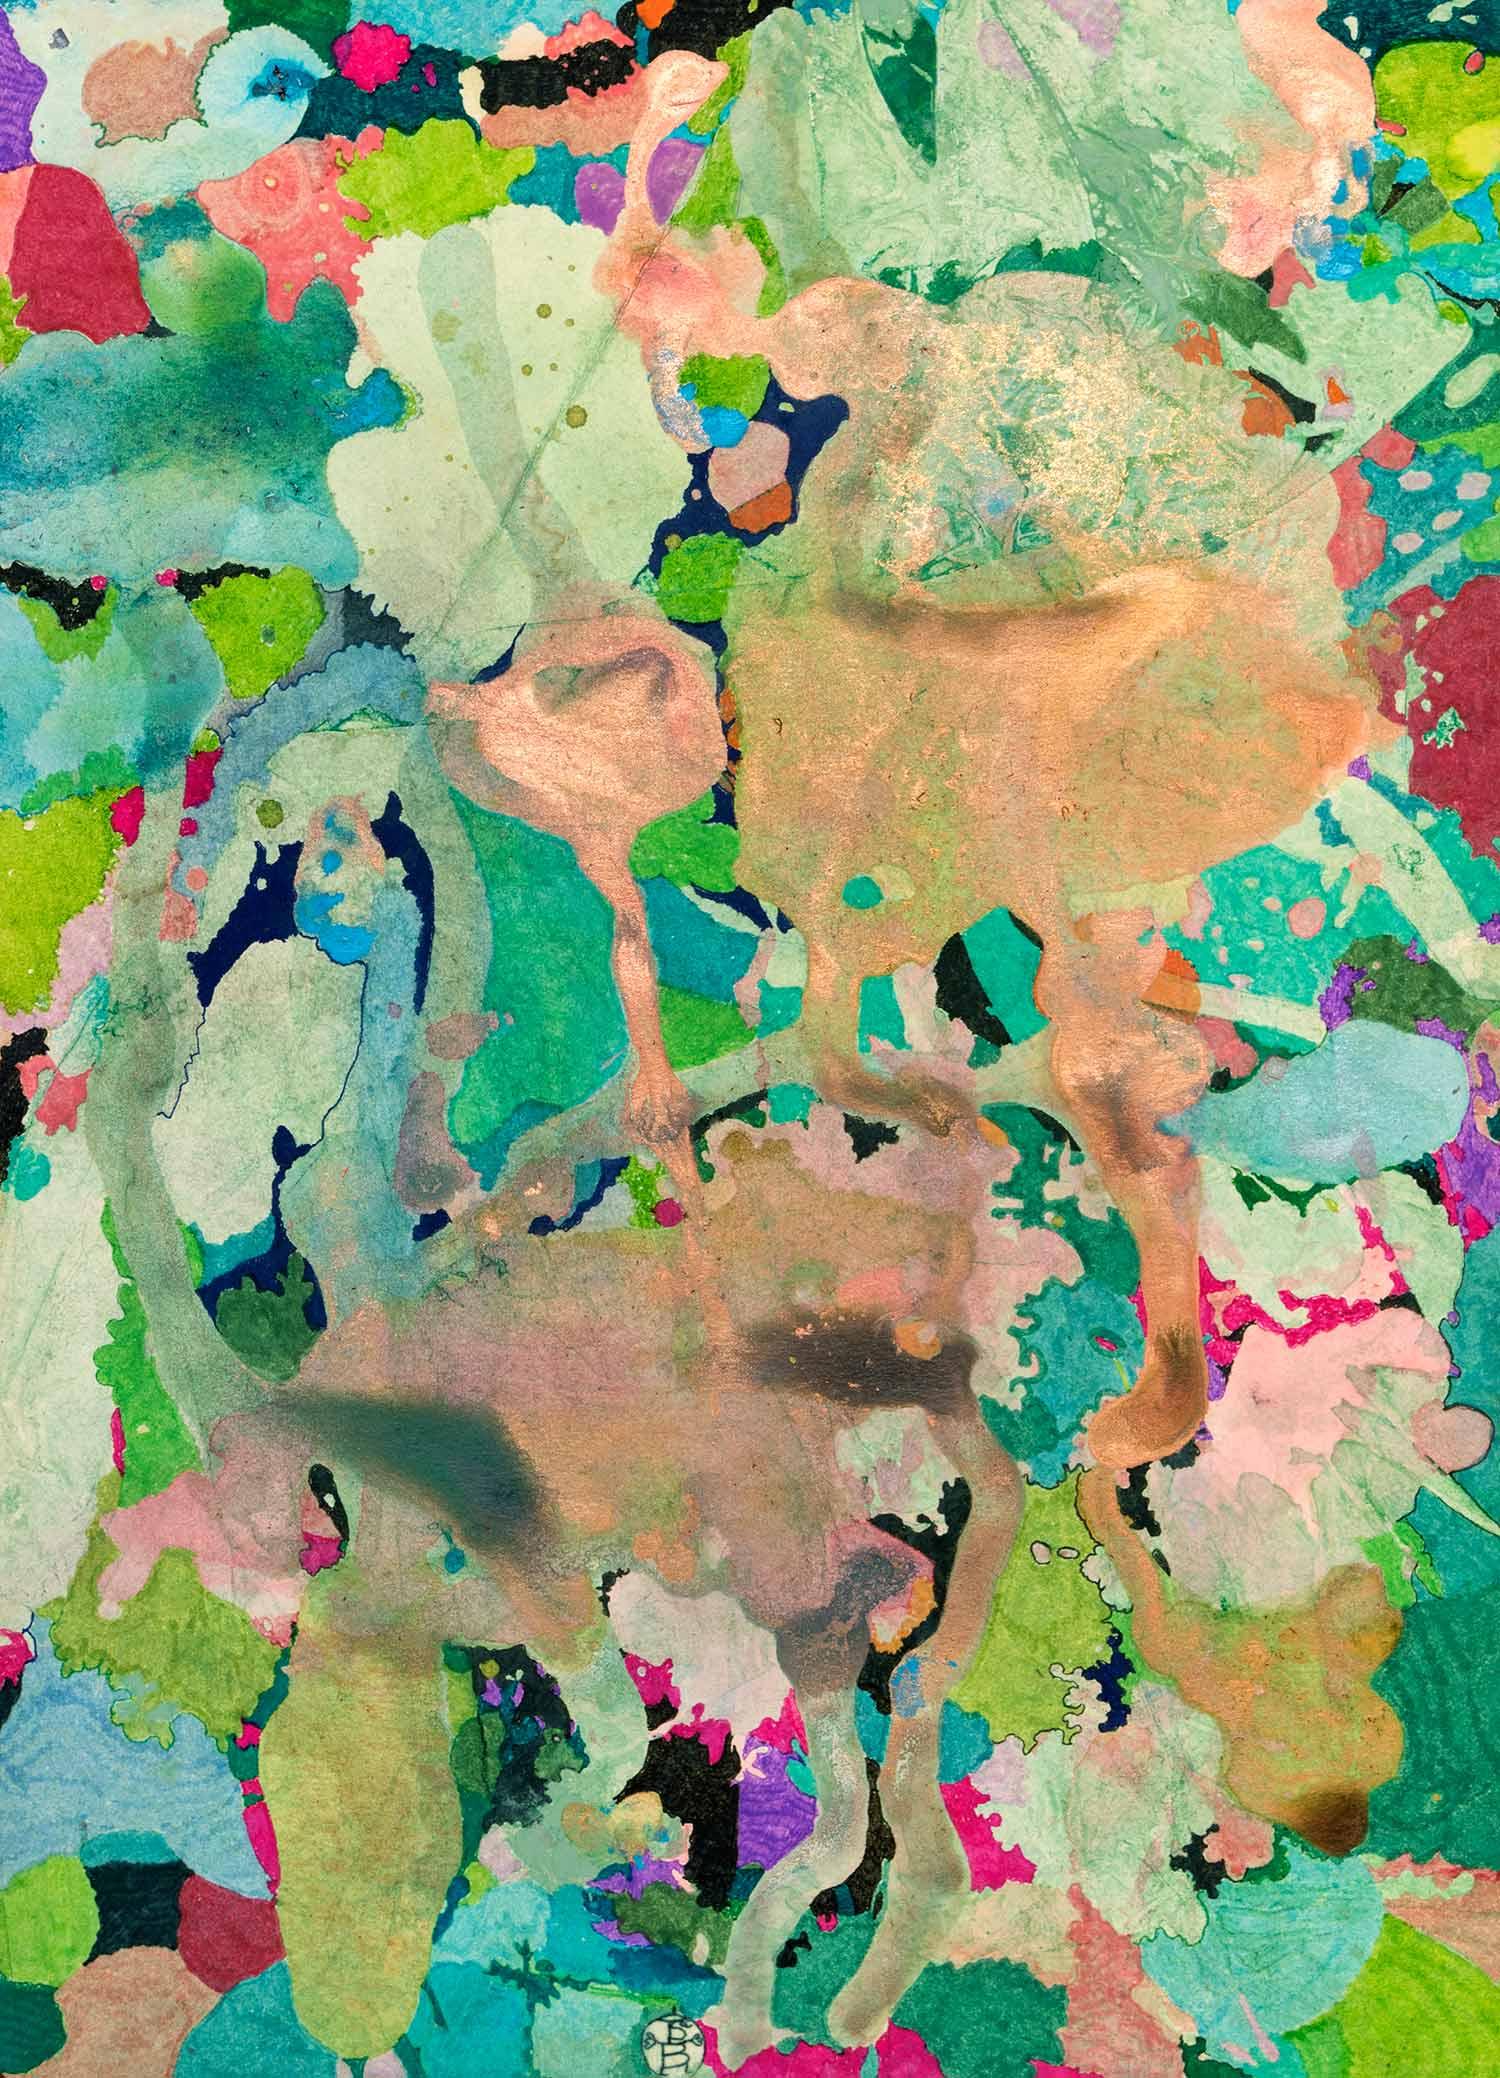 <b>Delicatessen VIII</b><br> Técnica mixta sobre papel Canson Añejo<br> 34 x 24,5 cm